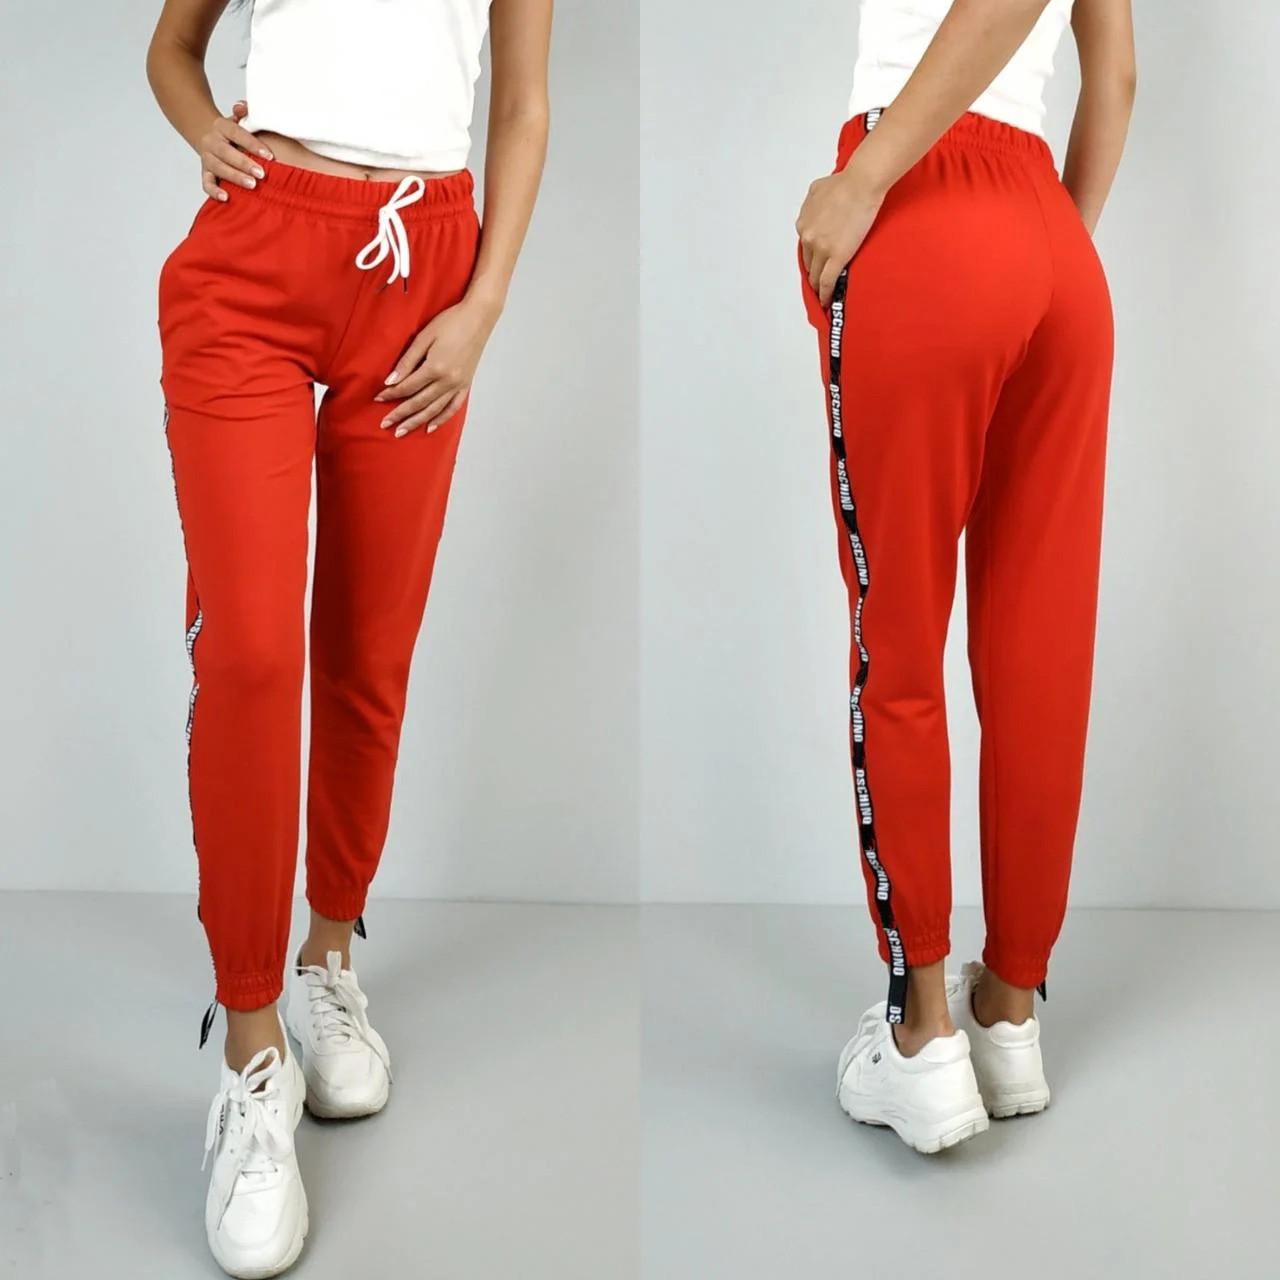 Спортивные штаны женские красные трикотаж с манжетами р. 42 Оschino (1230106238)